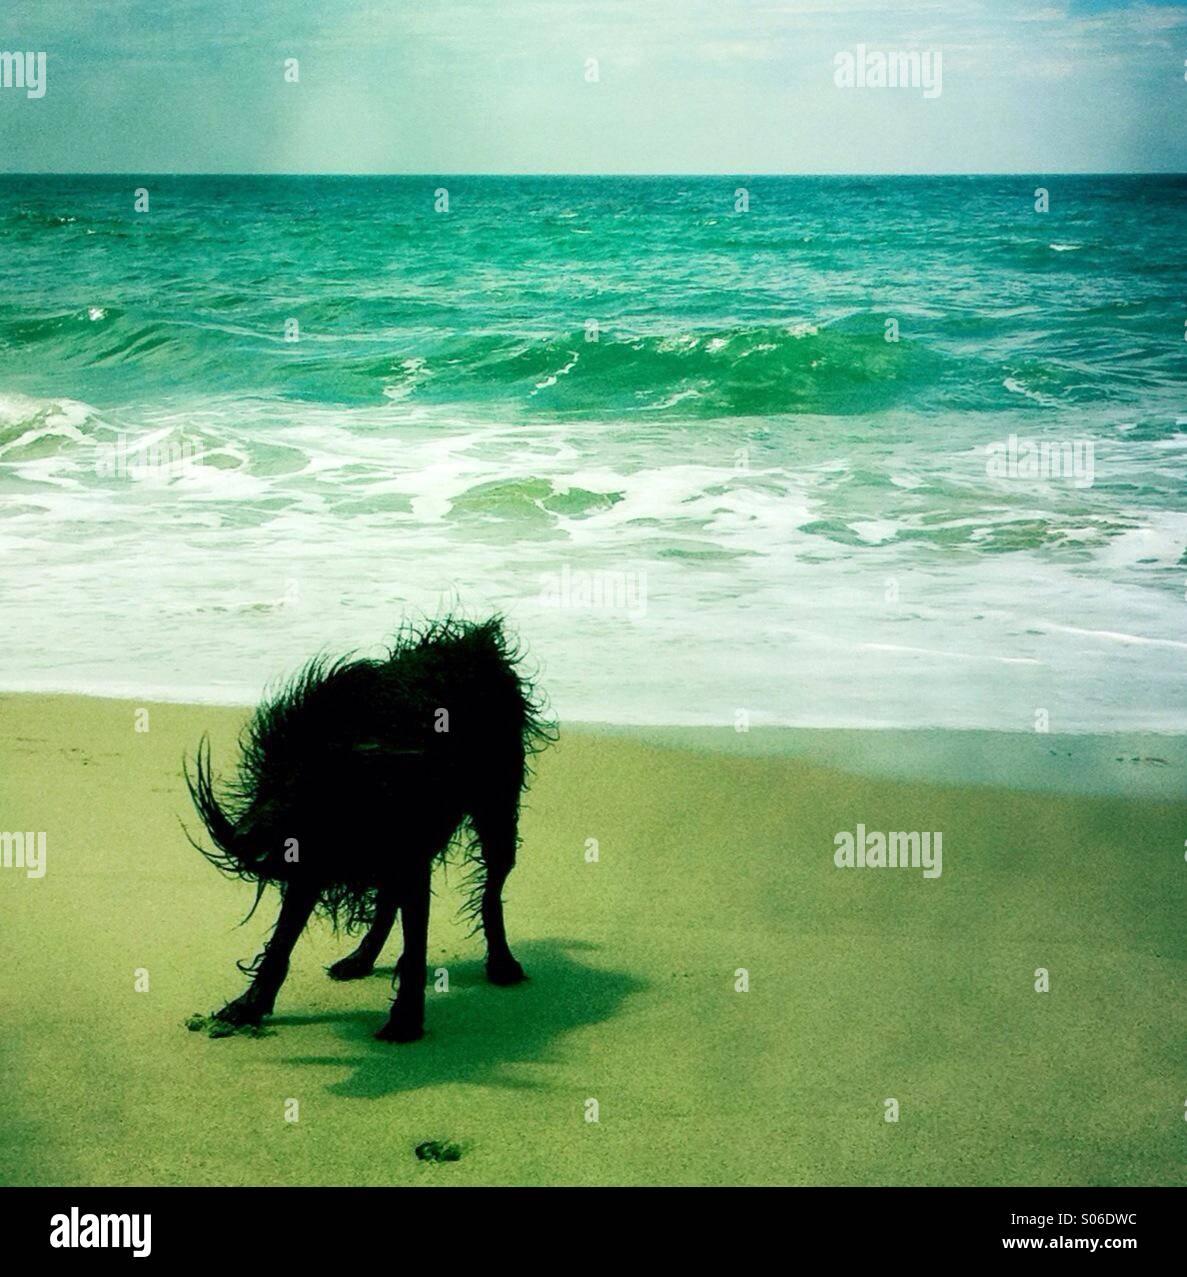 Eine schwarze Labradoodle Hund shakin Wasser am Strand. Ventura Kalifornien USA. Stockbild